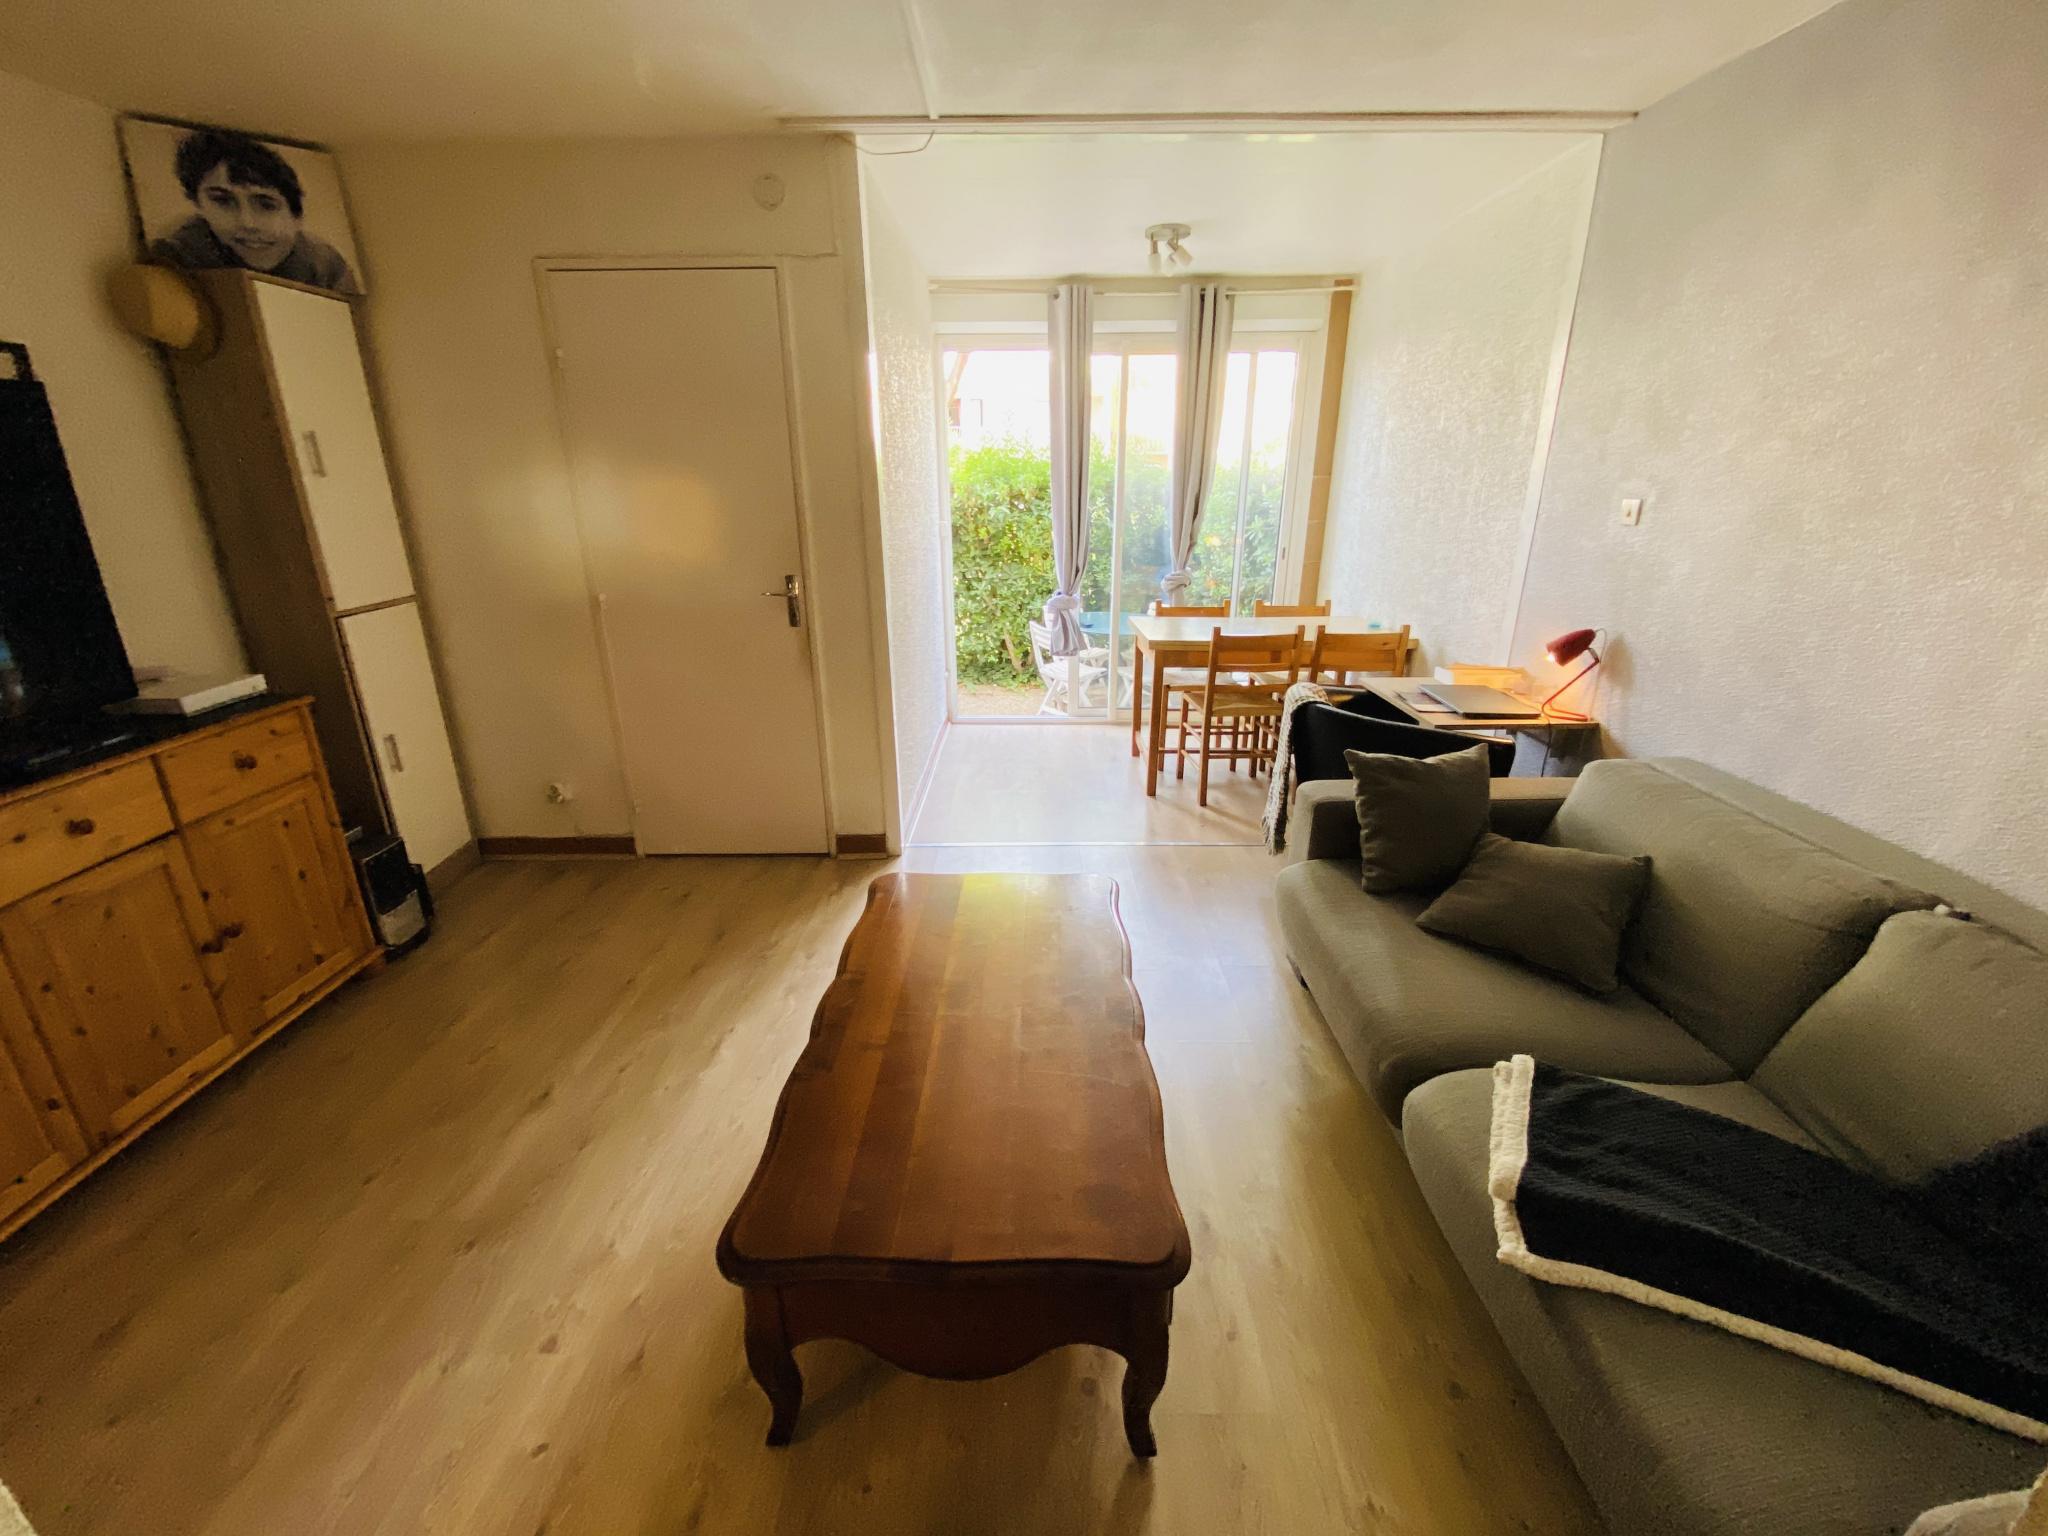 À vendre appartement de 28.45m2 à argeles sur mer (66700) - Photo 7'